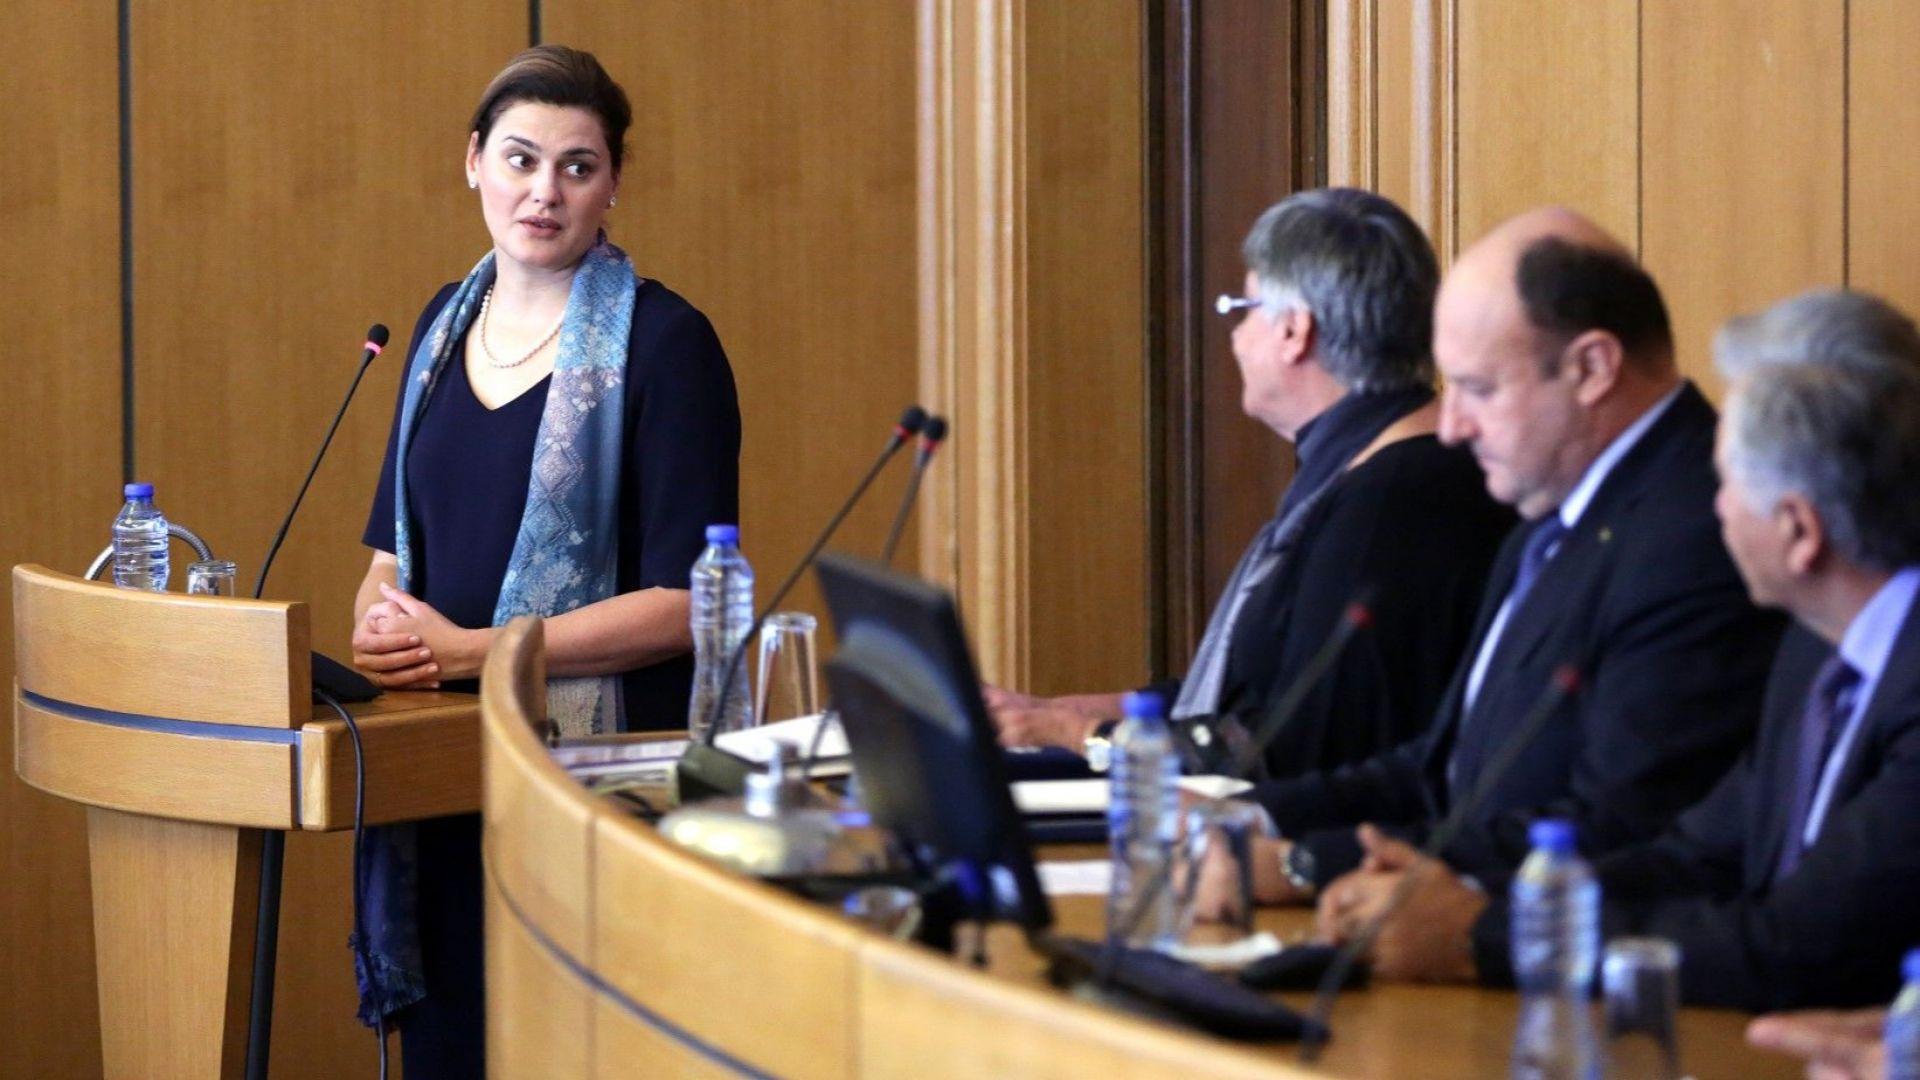 Заместник - министърът на образованието Карина Ангелиева по време на тържественото честване